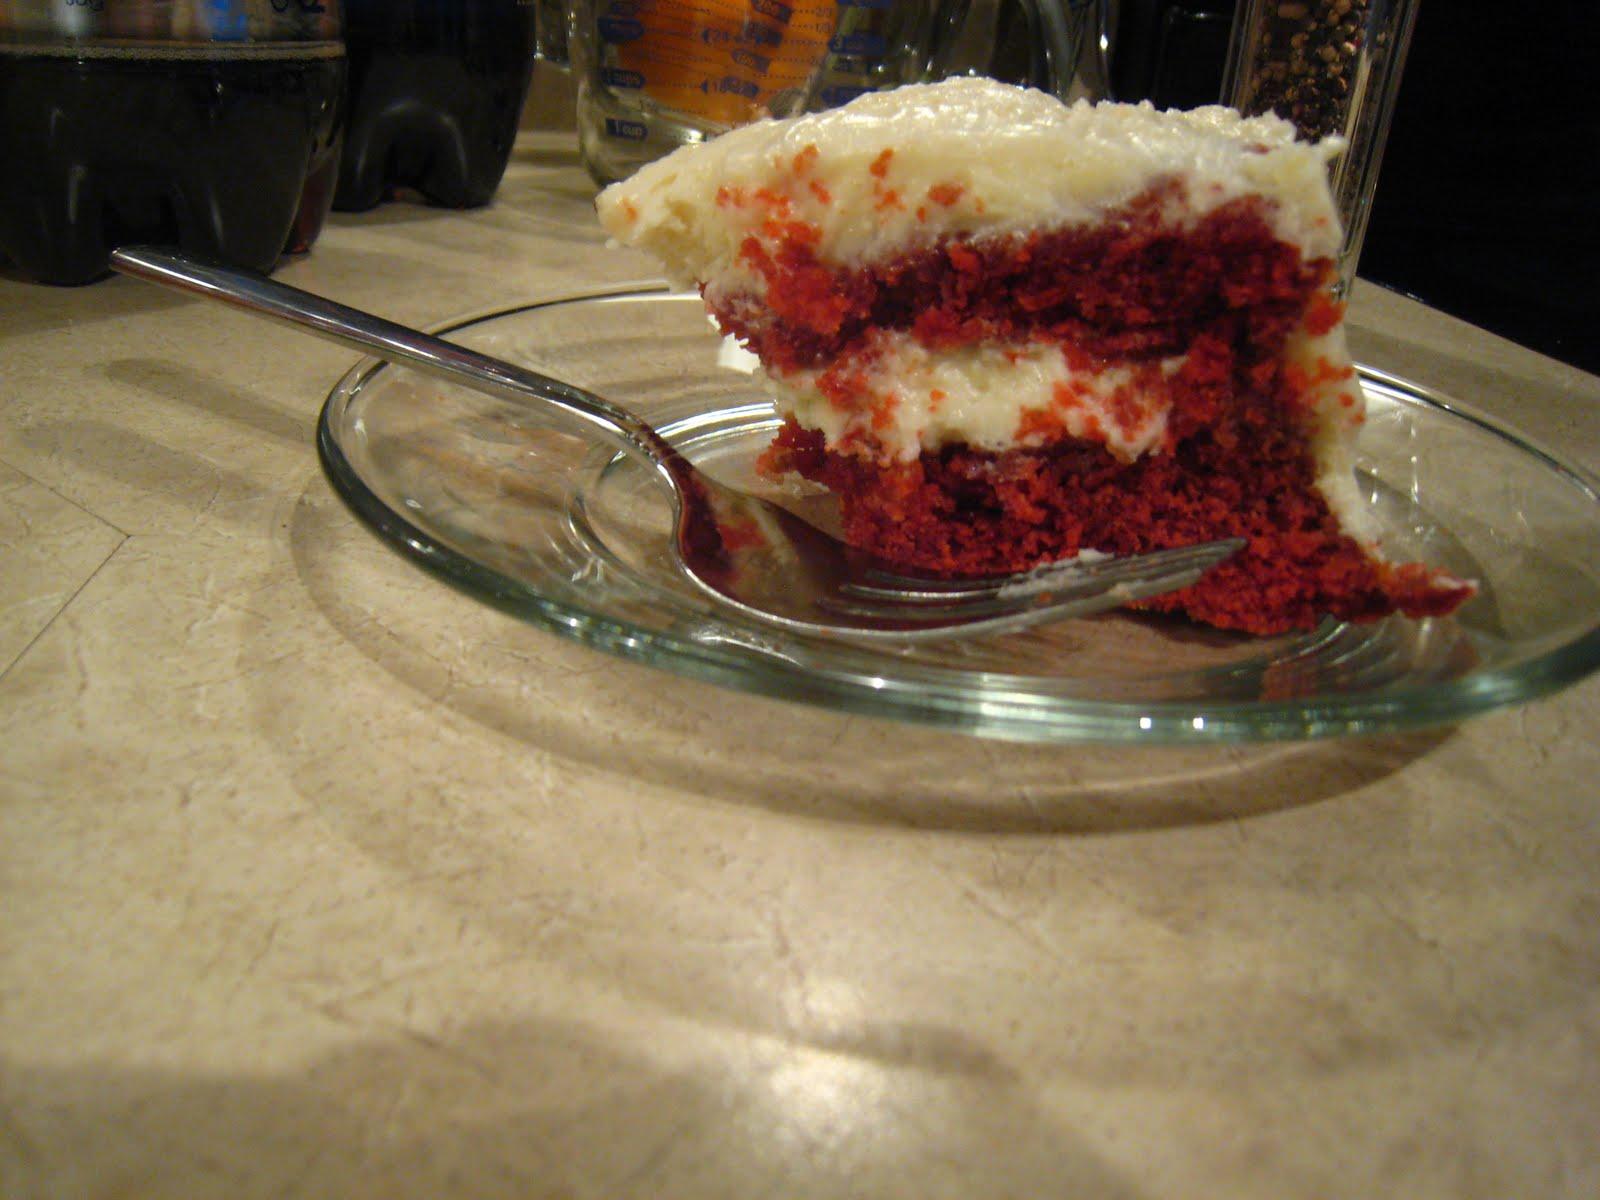 High Altitude Red Velvet Cake Recipe